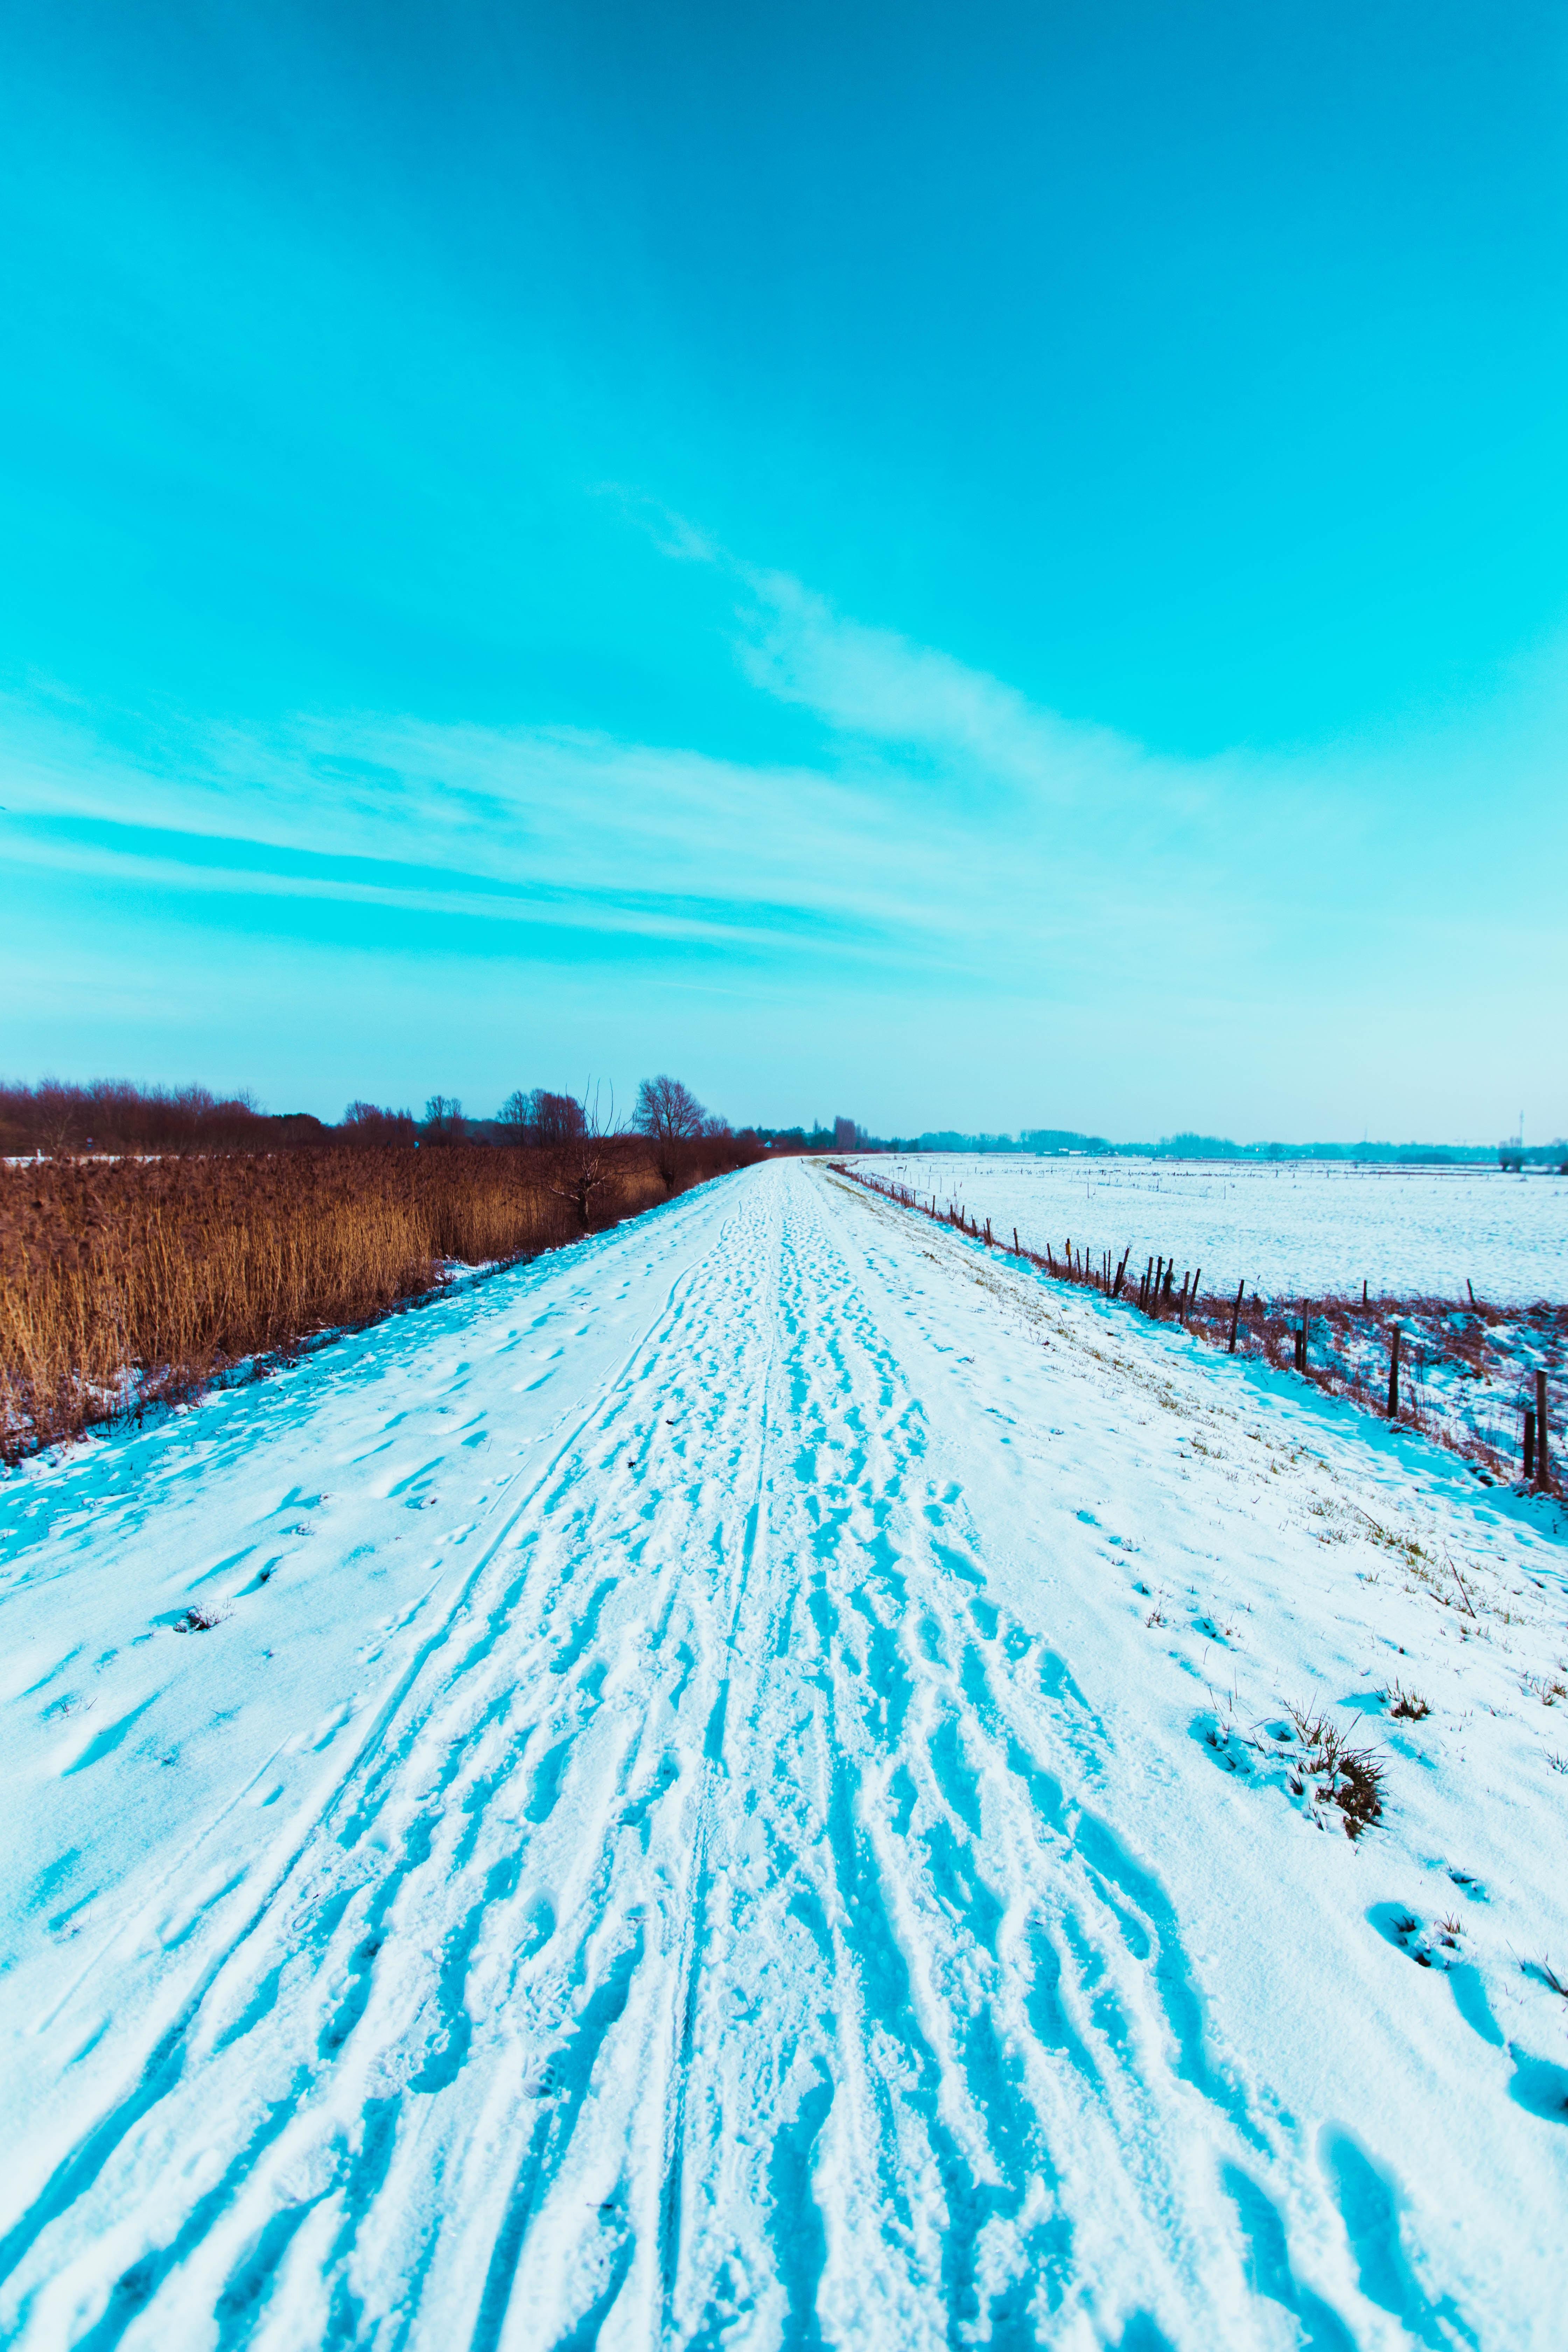 62145 Hintergrundbild 1024x768 kostenlos auf deinem Handy, lade Bilder Landschaft, Winterreifen, Natur, Schnee, Straße, Feld, Spuren 1024x768 auf dein Handy herunter